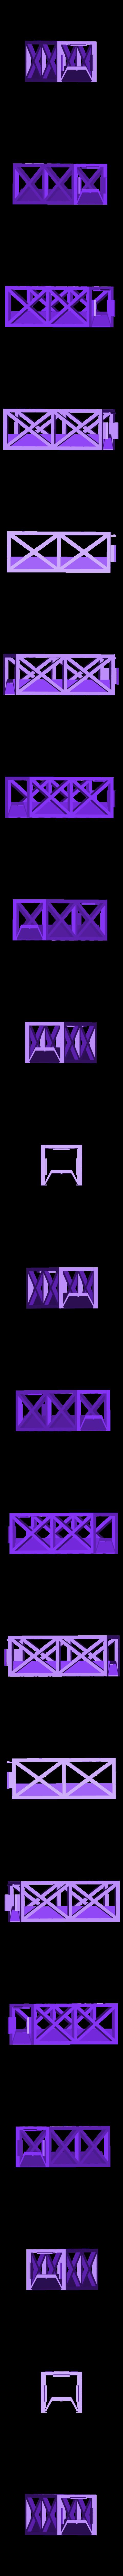 LBLUC_segment_straight_onepiece_160916.stl Télécharger fichier STL gratuit Led lampe de pont Segment Universel • Objet imprimable en 3D, Opossums